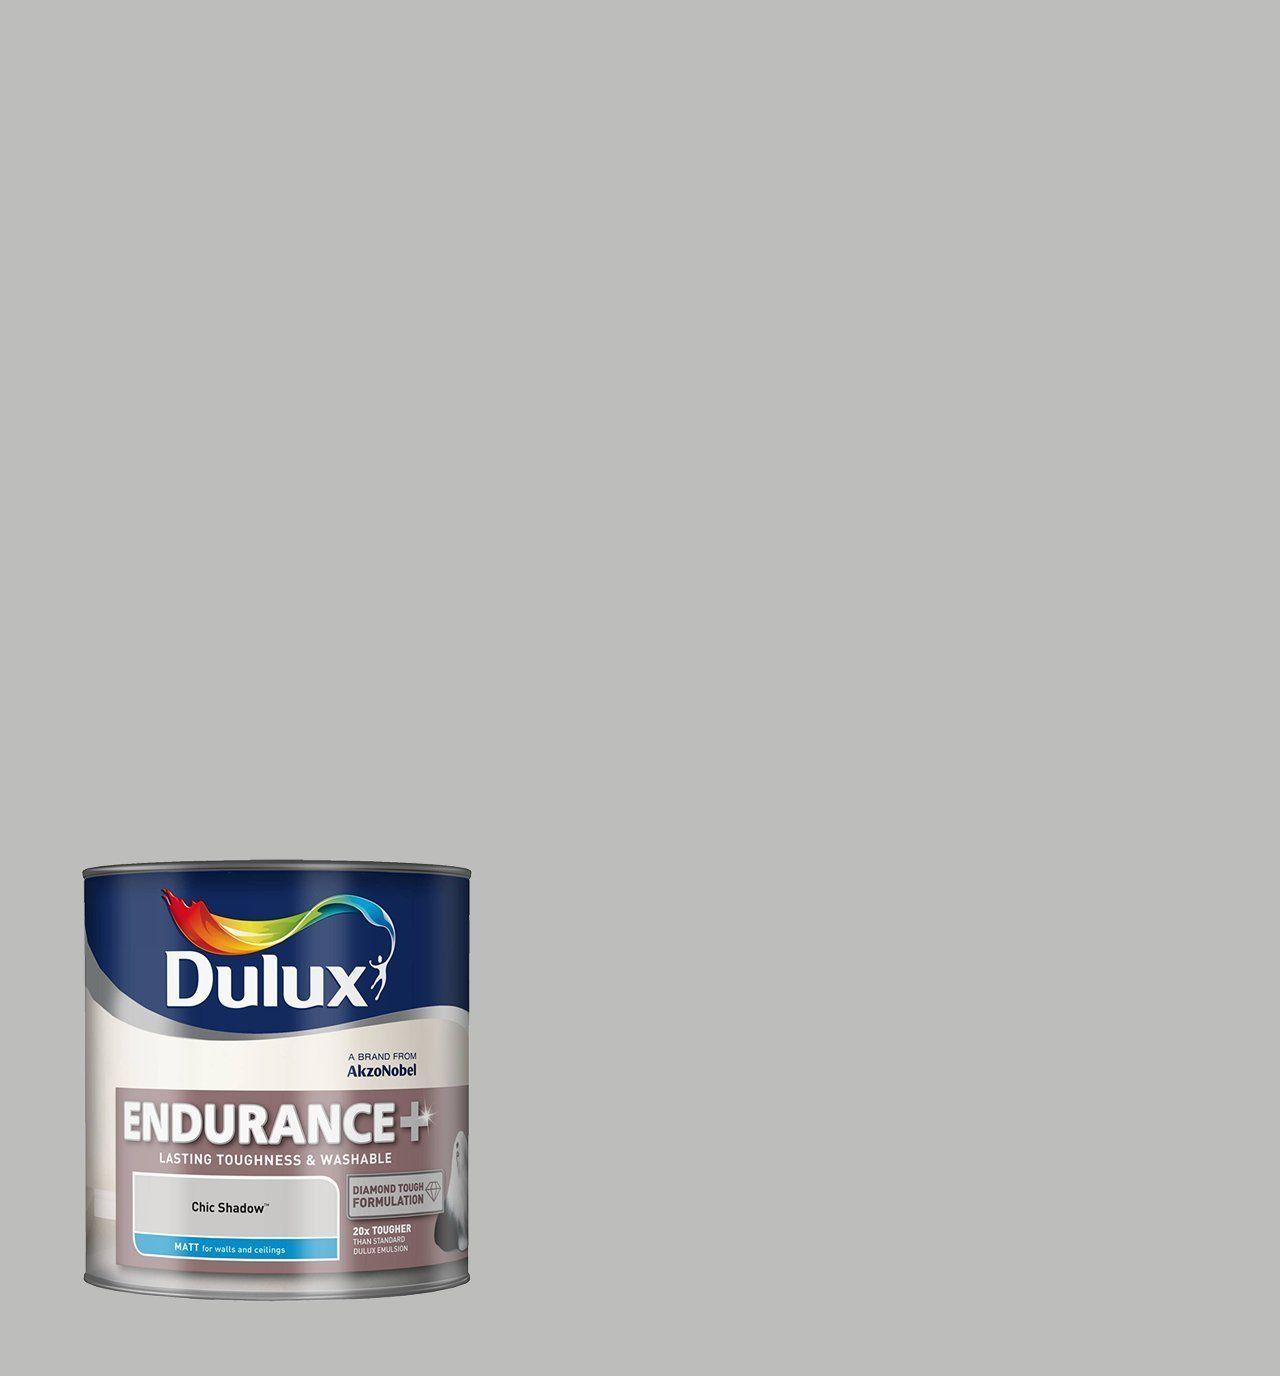 Dulux 2 5 litre endurance matt paint for walls chic shadow